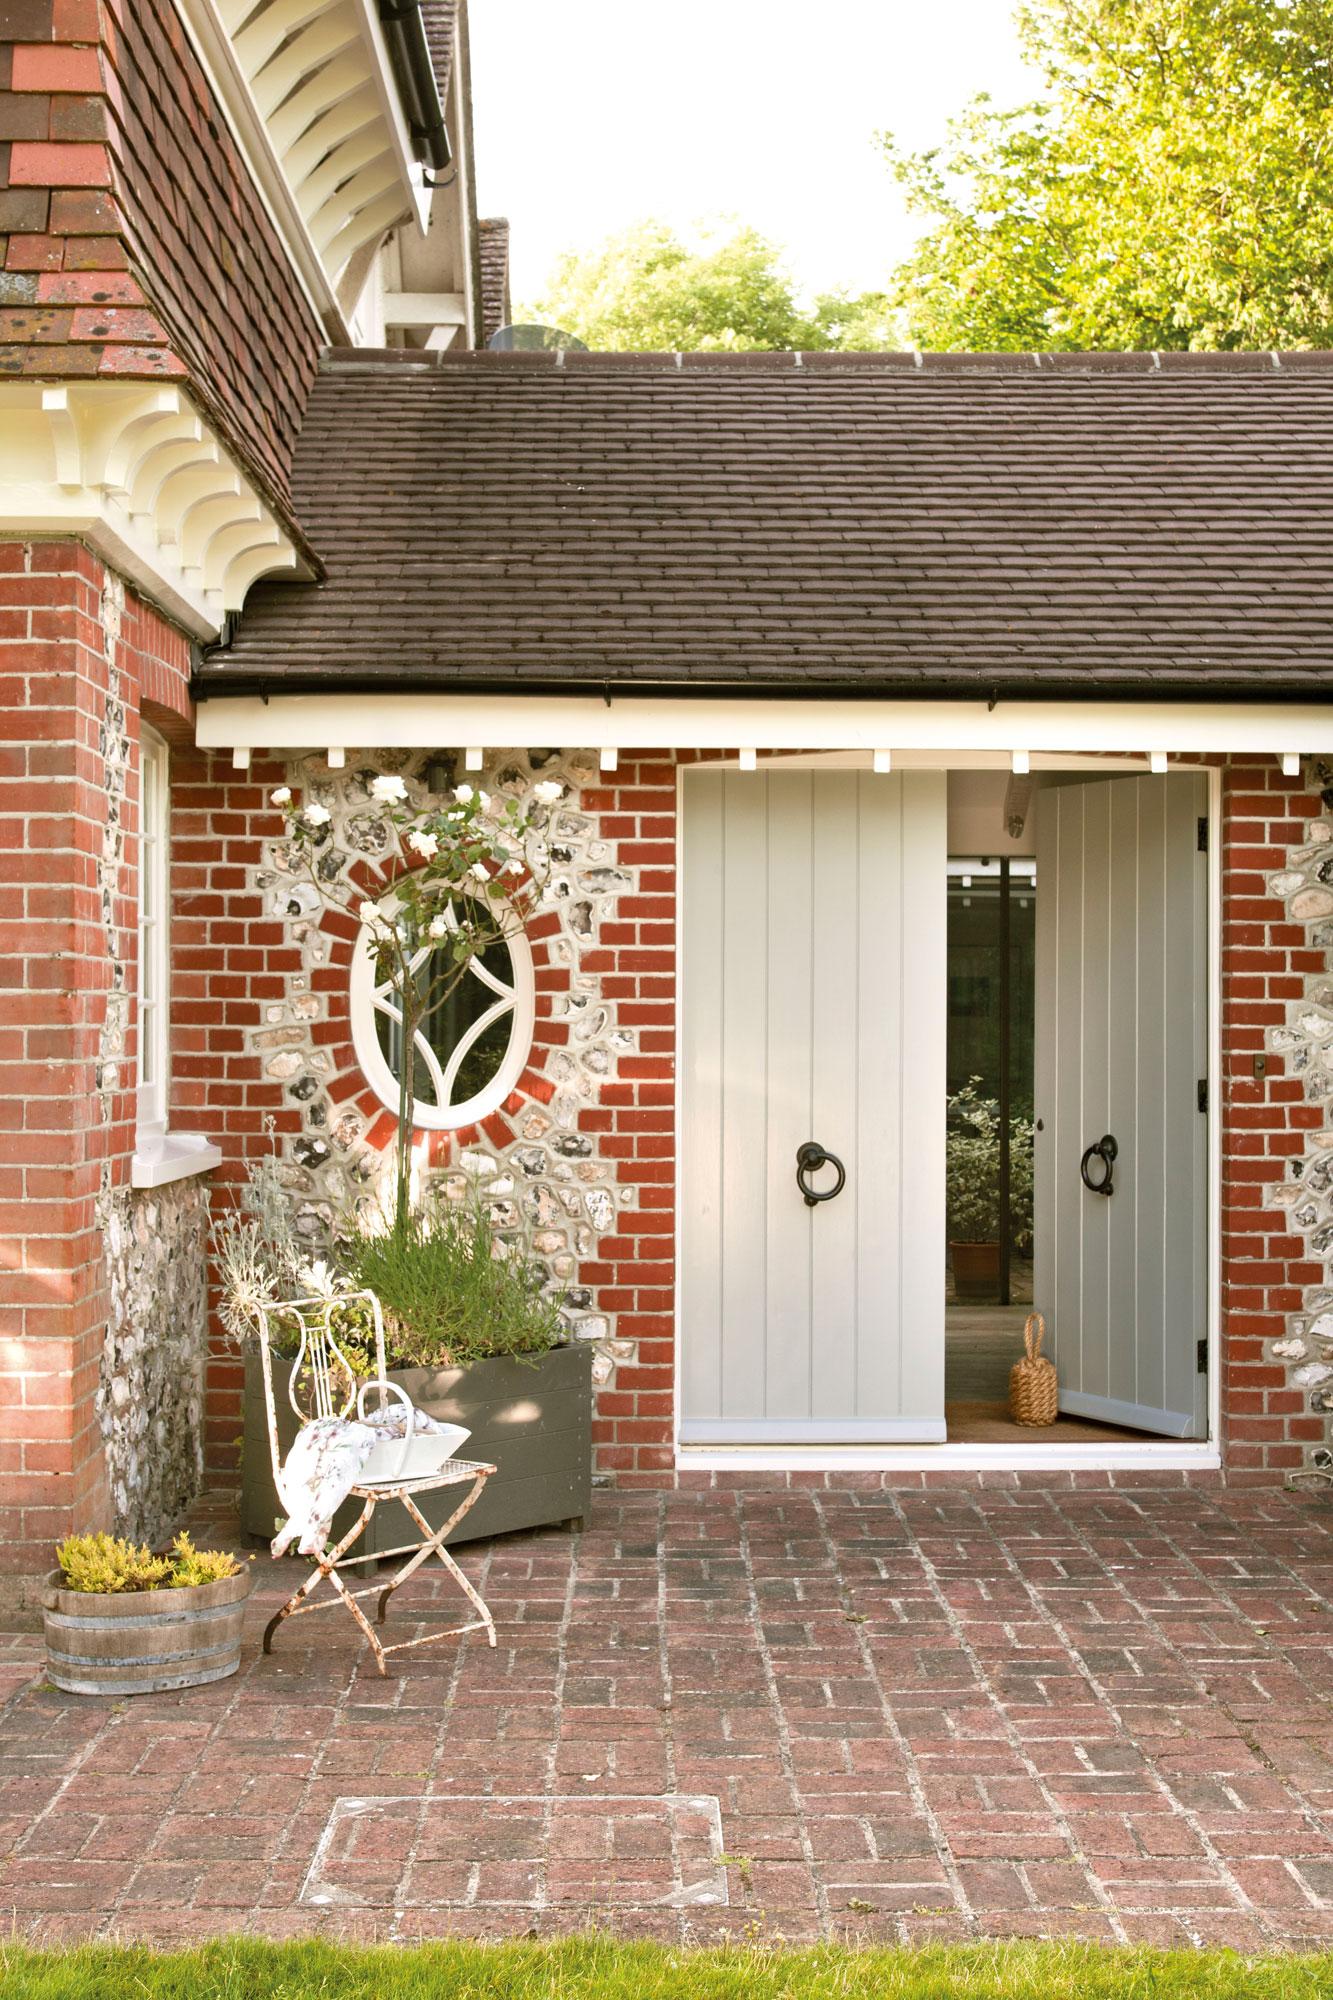 Puertas de entrada chalet great puertas entrada chalet for Puertas chalet exterior